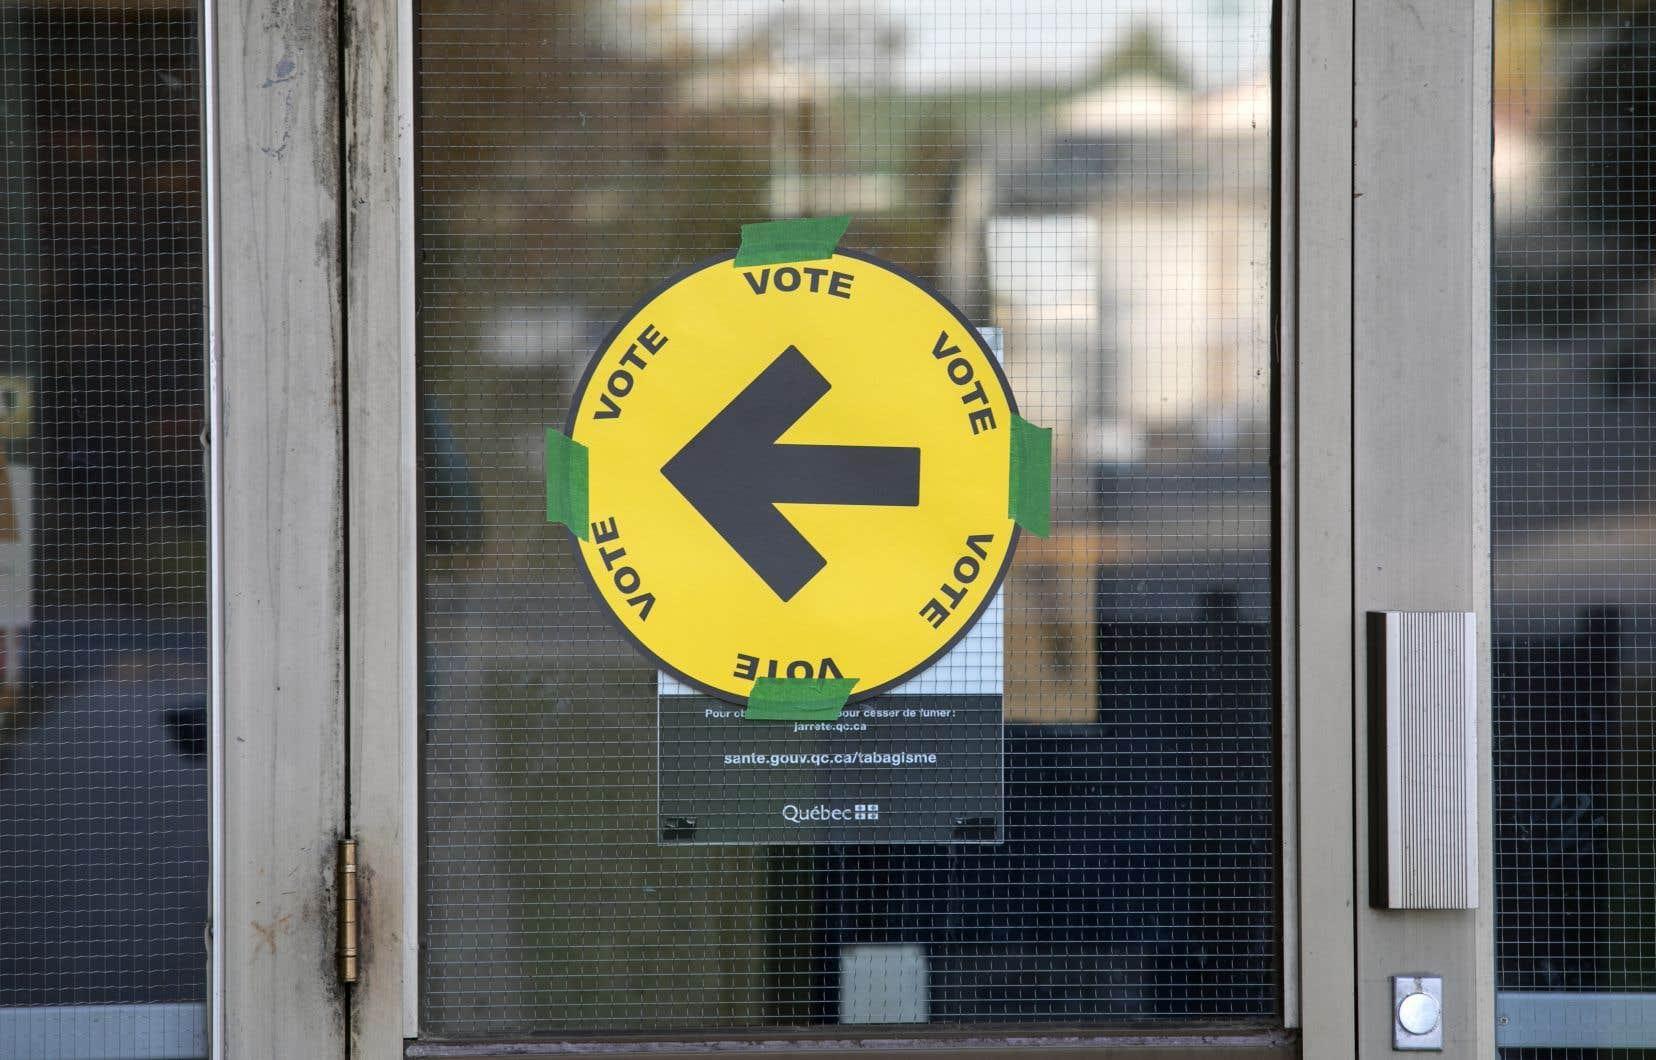 Afin de permettre aux 27,4millions d'électeurs inscrits d'exercer leur droit de vote, 300000 employés électoraux étaient à pied d'oeuvre dans 20000 bureaux.